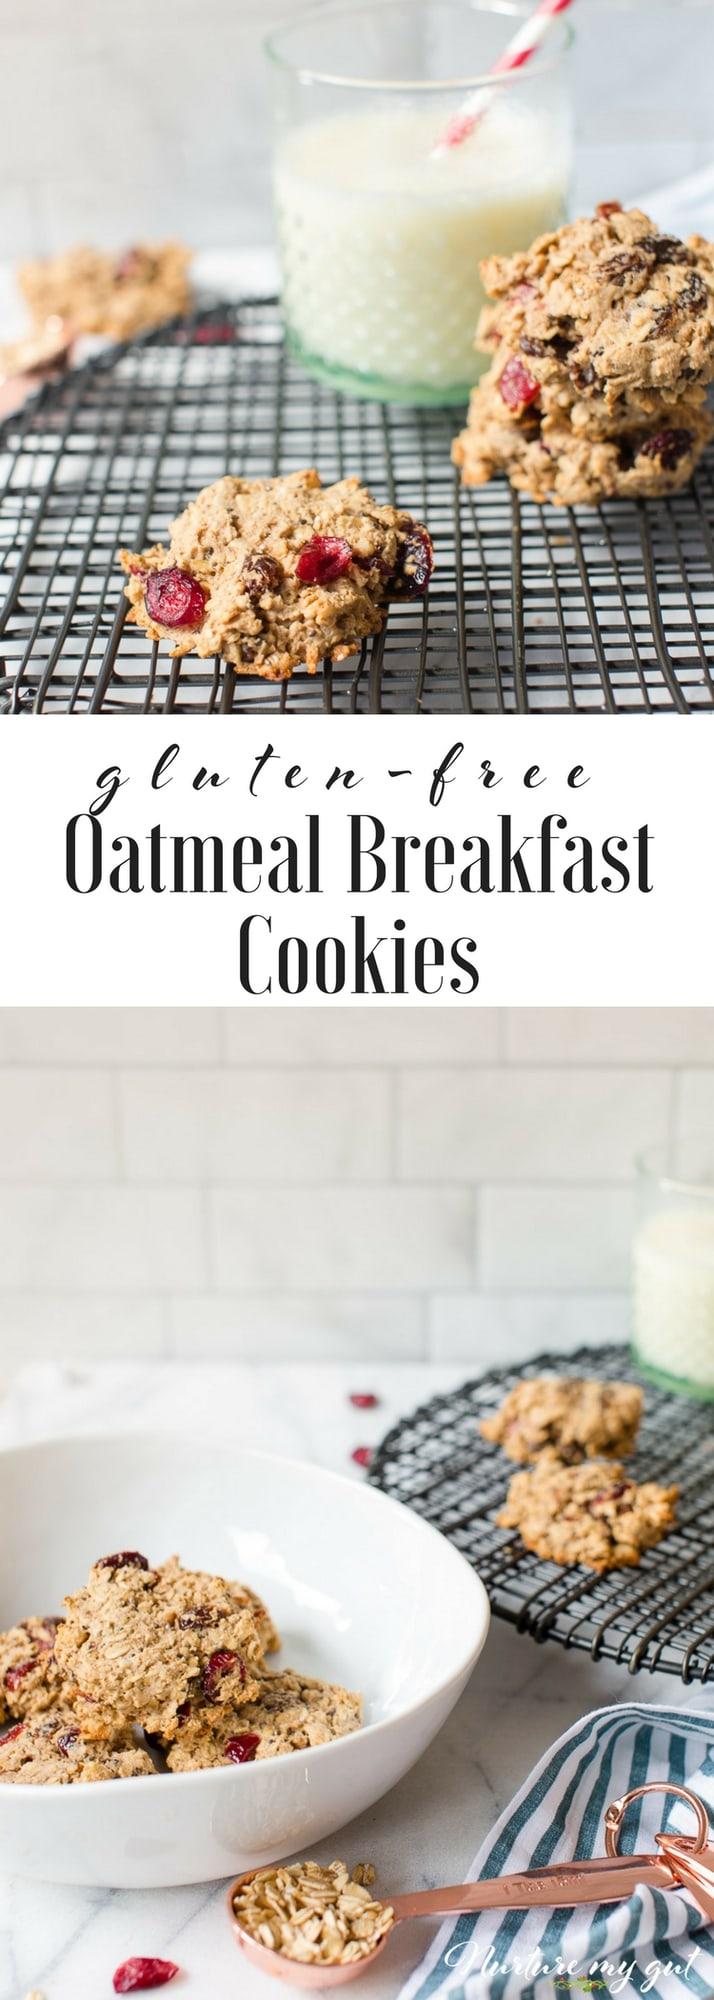 Gluten Free Oatmeal Breakfast Cookies Recipe